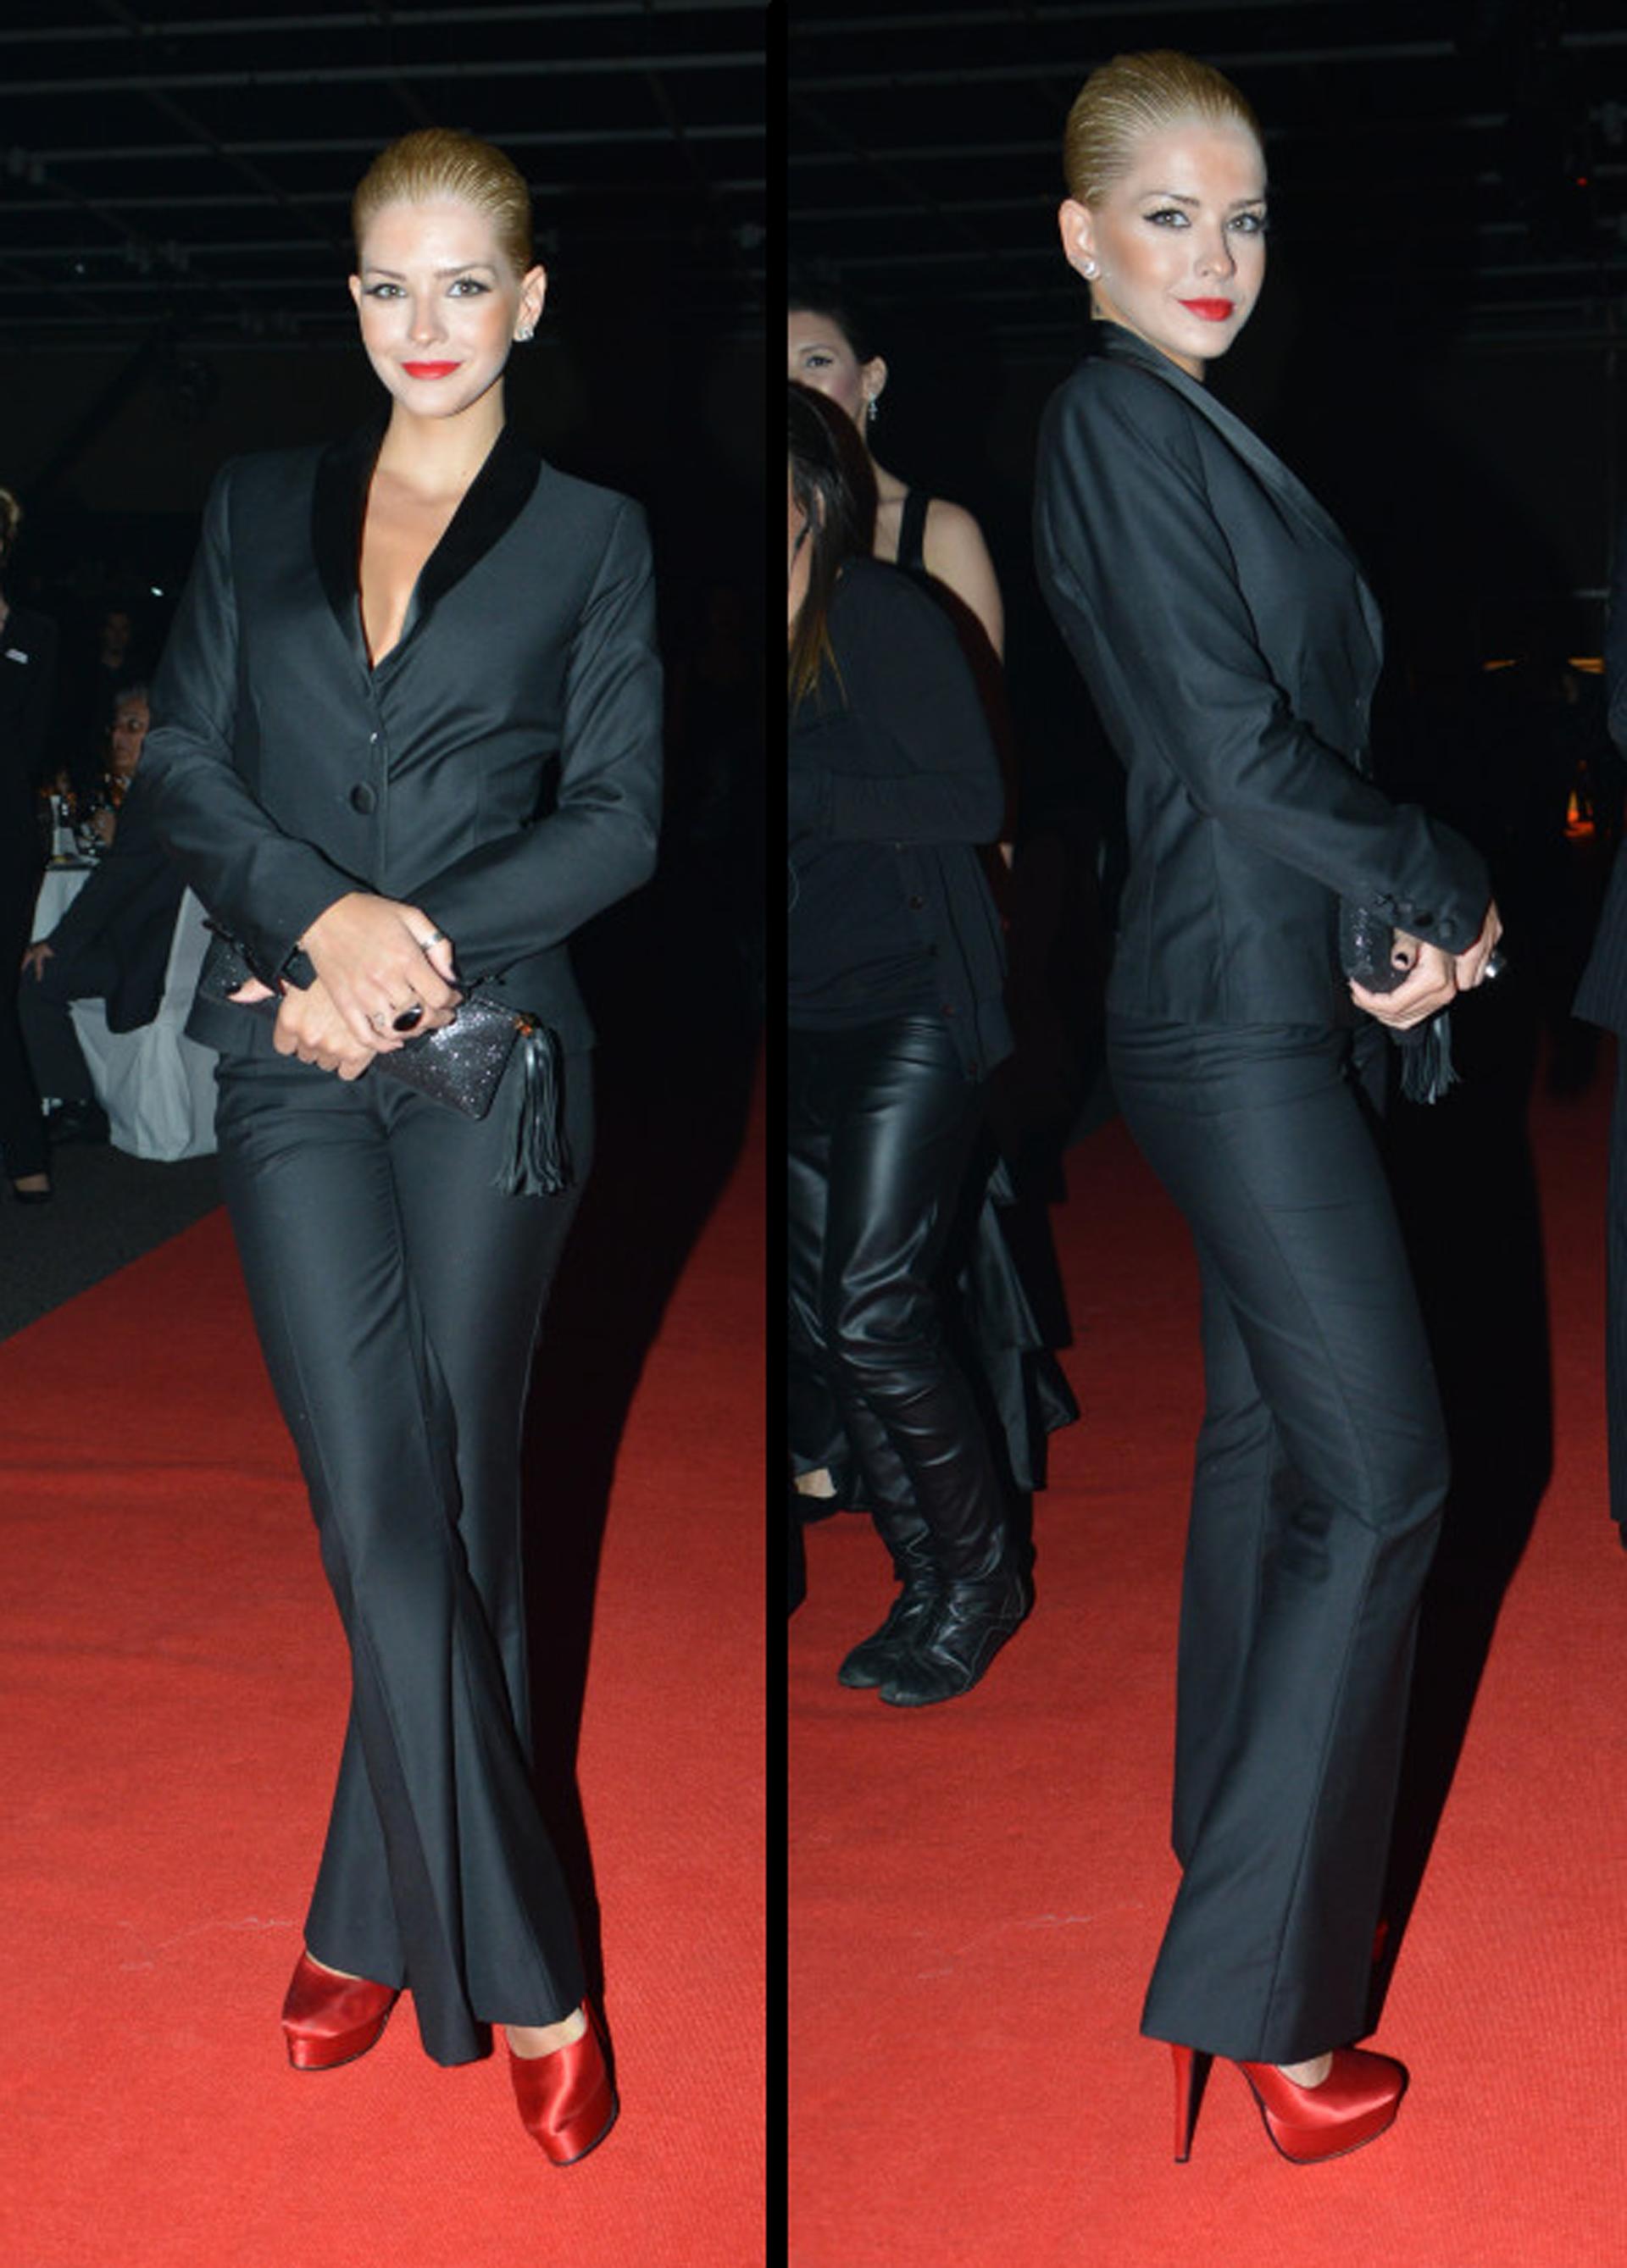 La china Suárez en la entrega de premios 2012, con smoking y plataformas diseñadas por Ricky Sarkany. La bijoux que acompañó a la actriz fueron dos anillos en negro y plateado más unos delicados aros clip